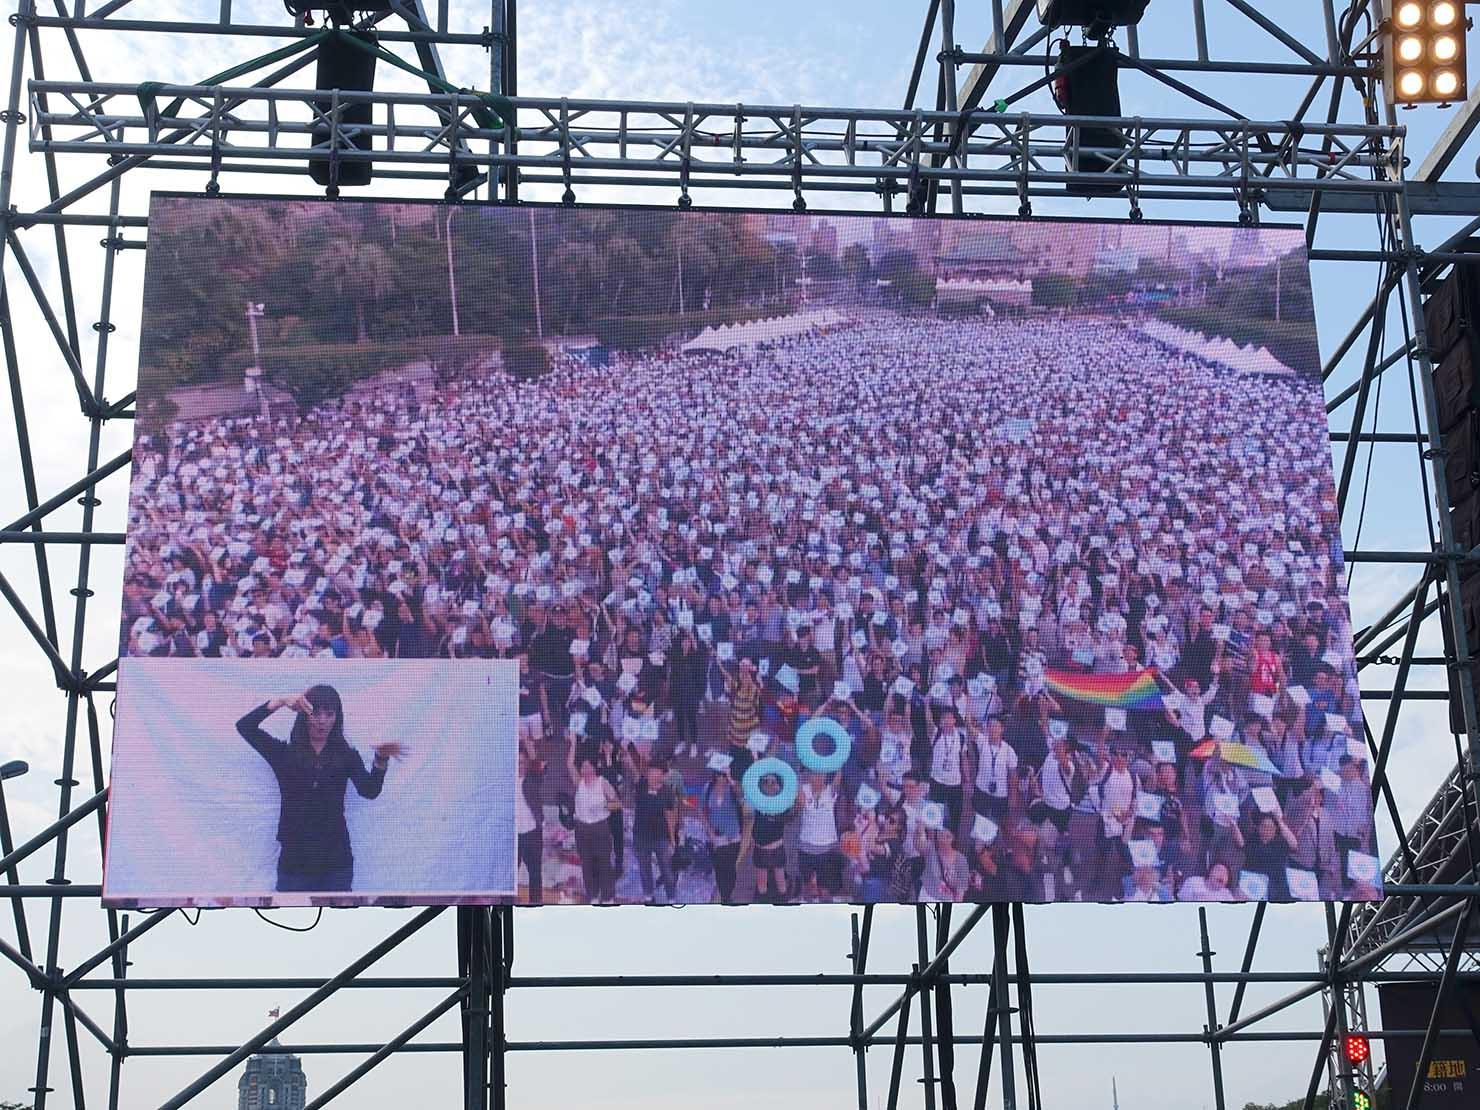 台湾のLGBT音楽イベント『為愛返家音樂會』会場での空中撮影